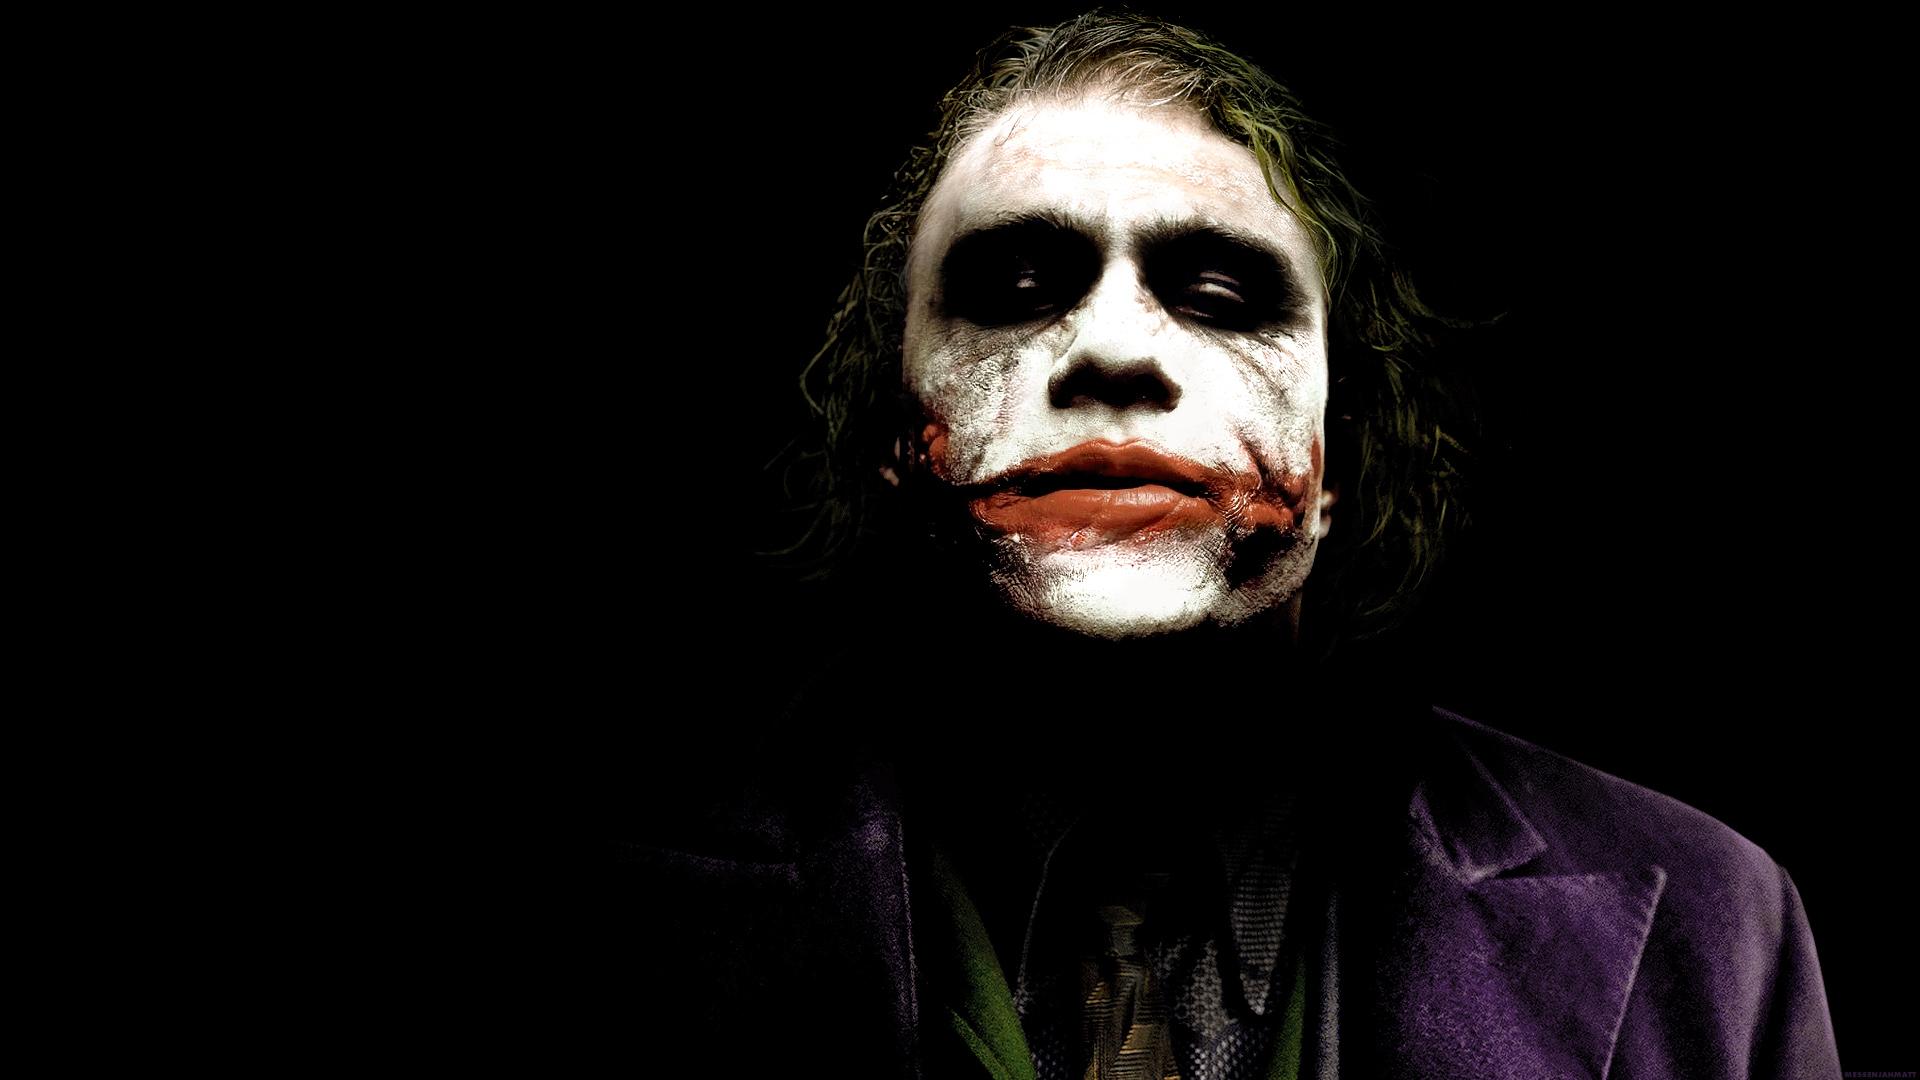 The Joker Wallpaper 1920x1080 The Joker Heath Ledger Batman The 1920x1080